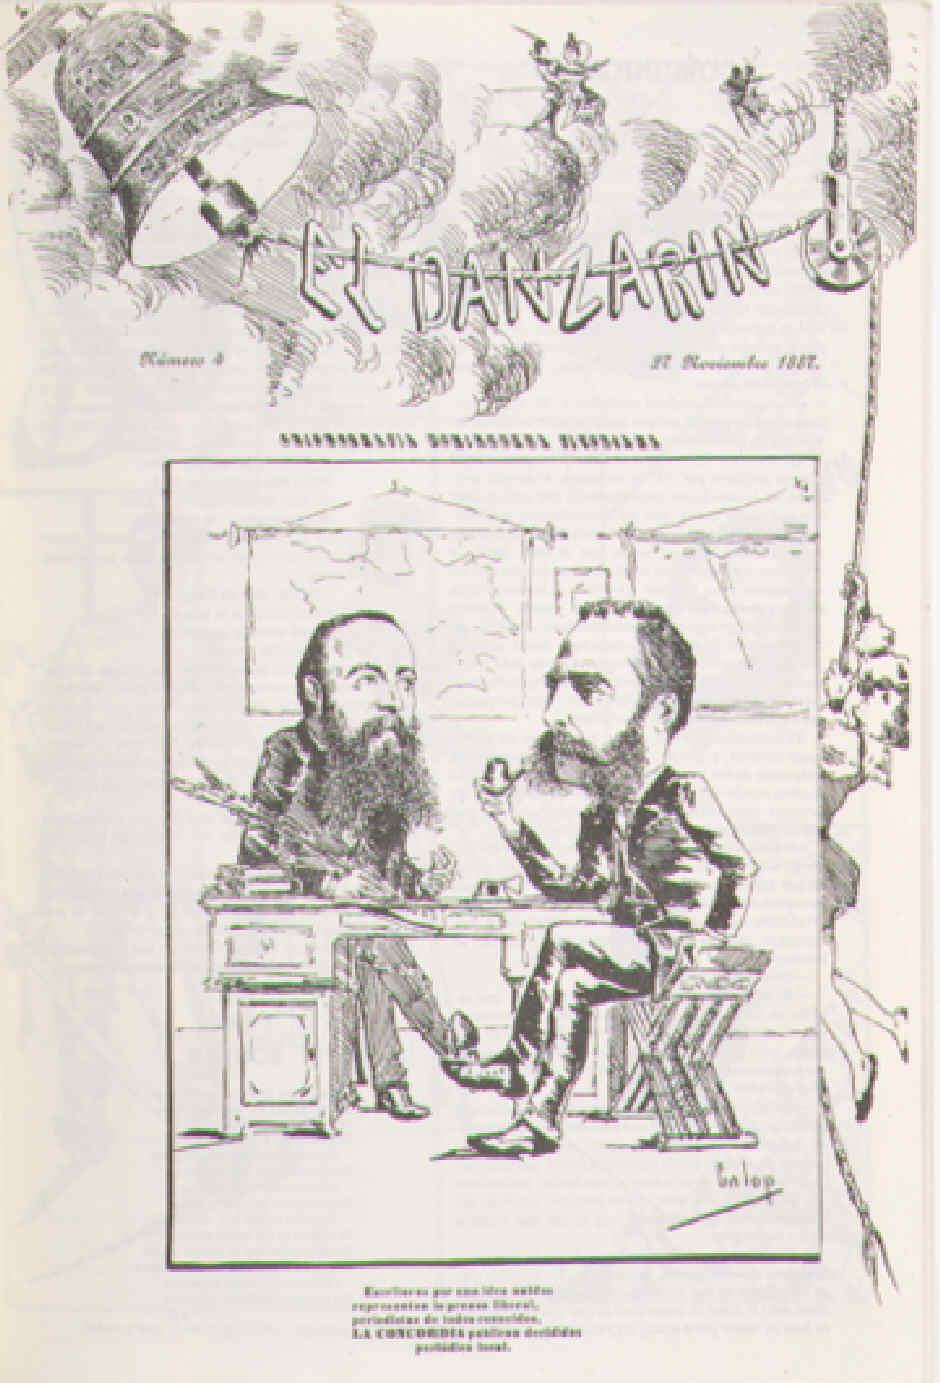 El Danzarín. Chismografía dominguera vitoriana